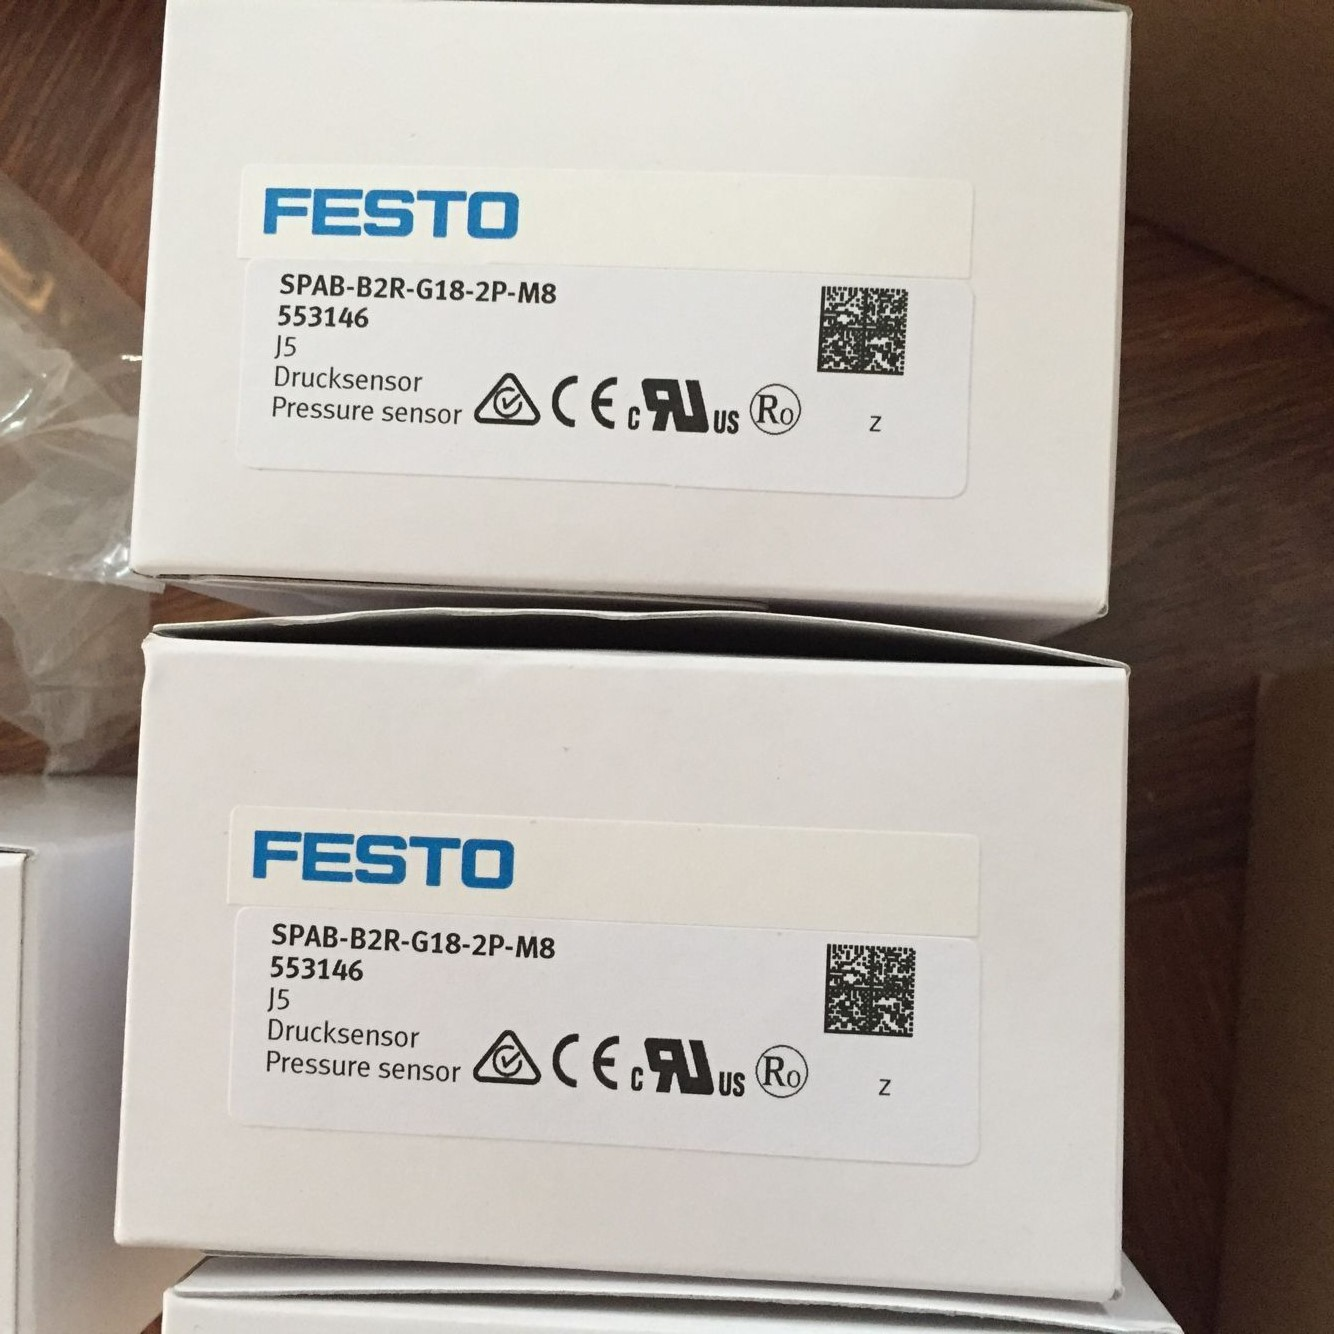 FESTO SPAB-B2R-G18-2P-M8 553146